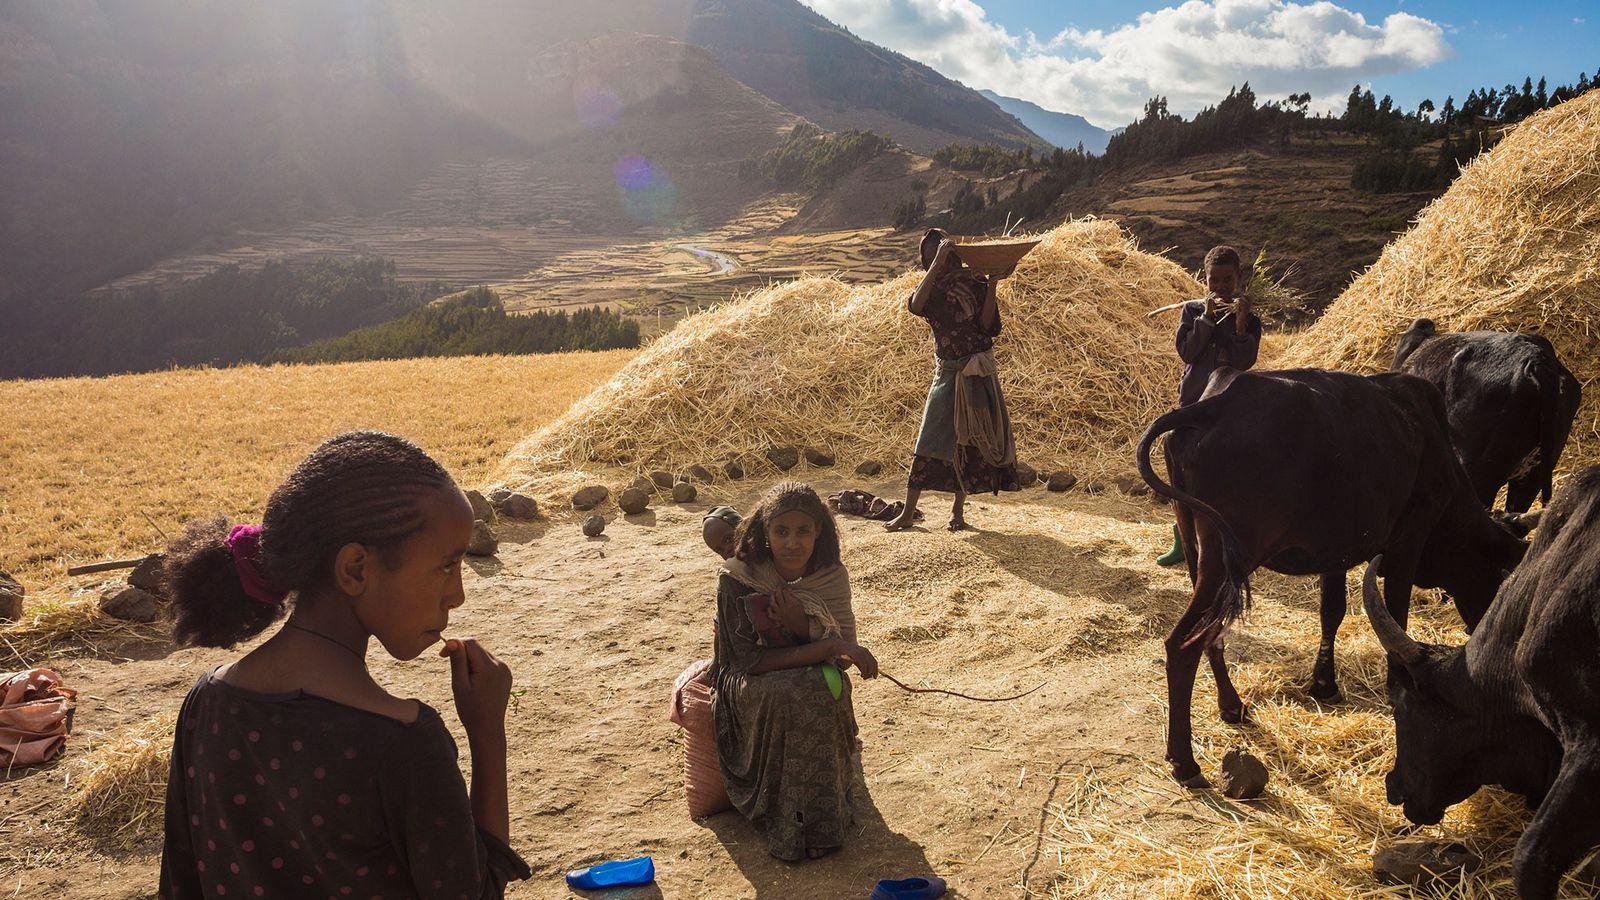 À l'aide d'outils manuels et d'animaux de trait, une famille récolte du blé dans les hautes ...